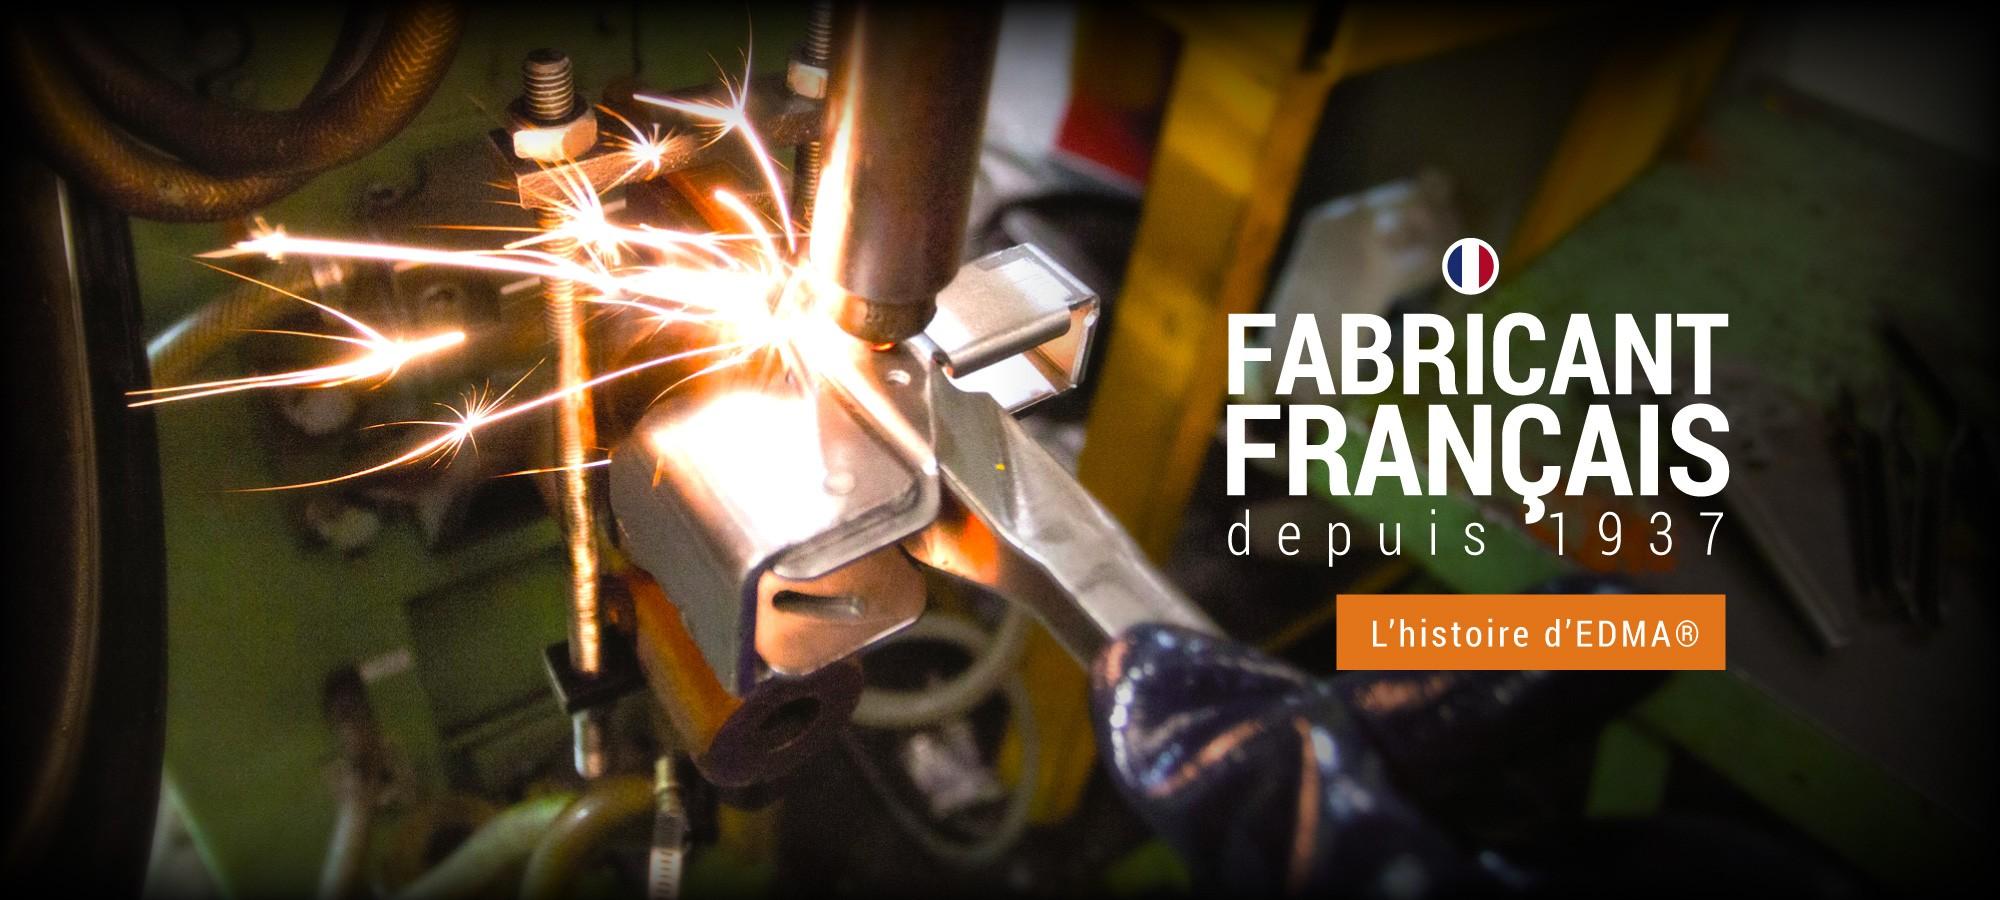 Fabricant français depuis 1937